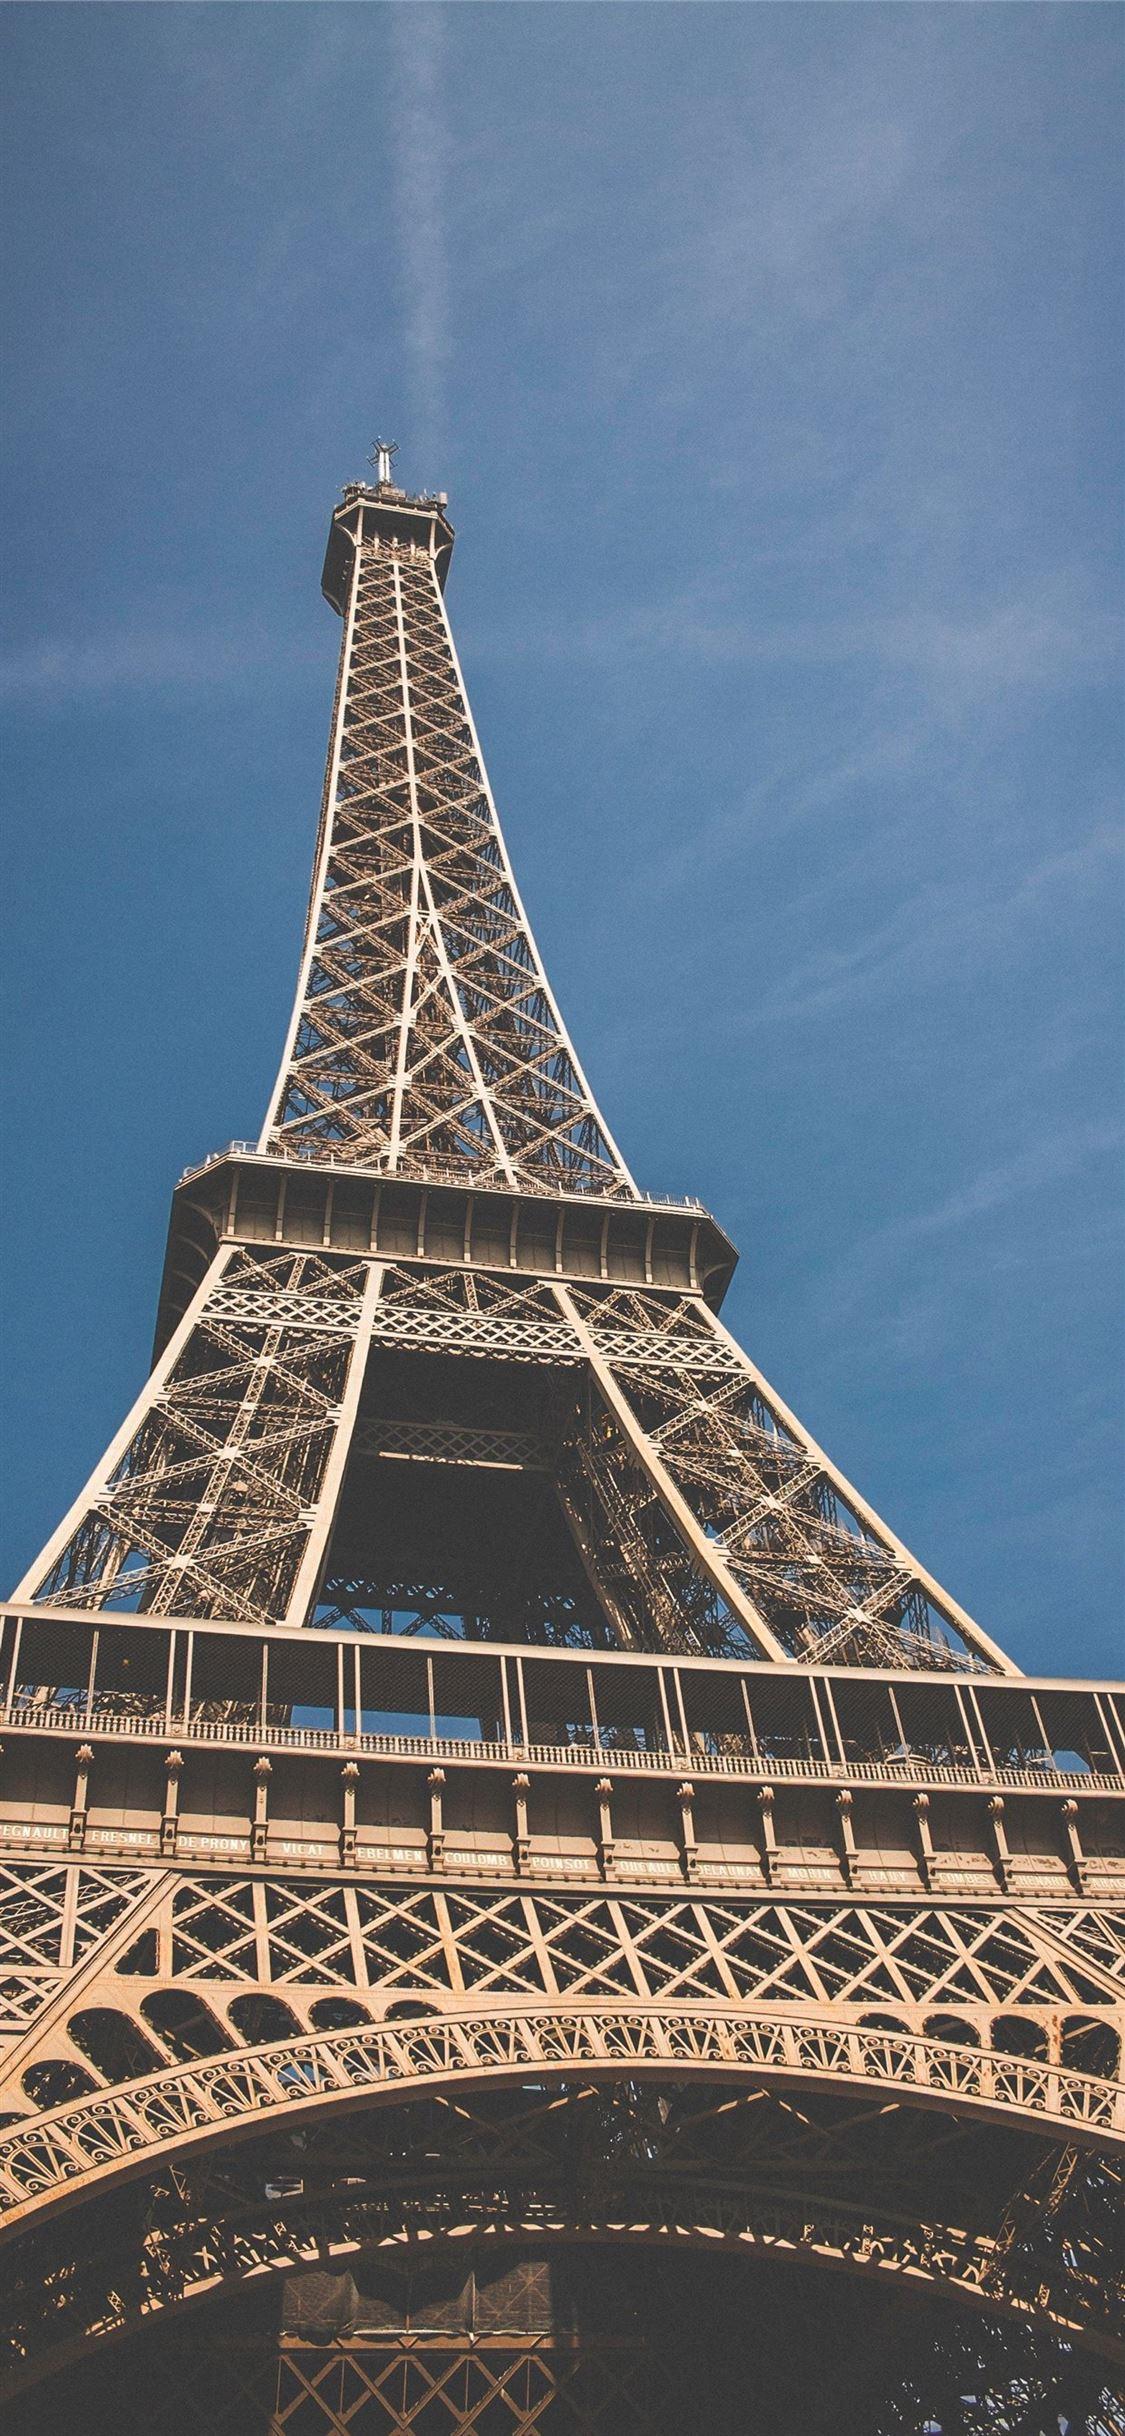 Paris Travel Theme Paris Eiffel Tower Paris Iphone X Wallpapers Free Download